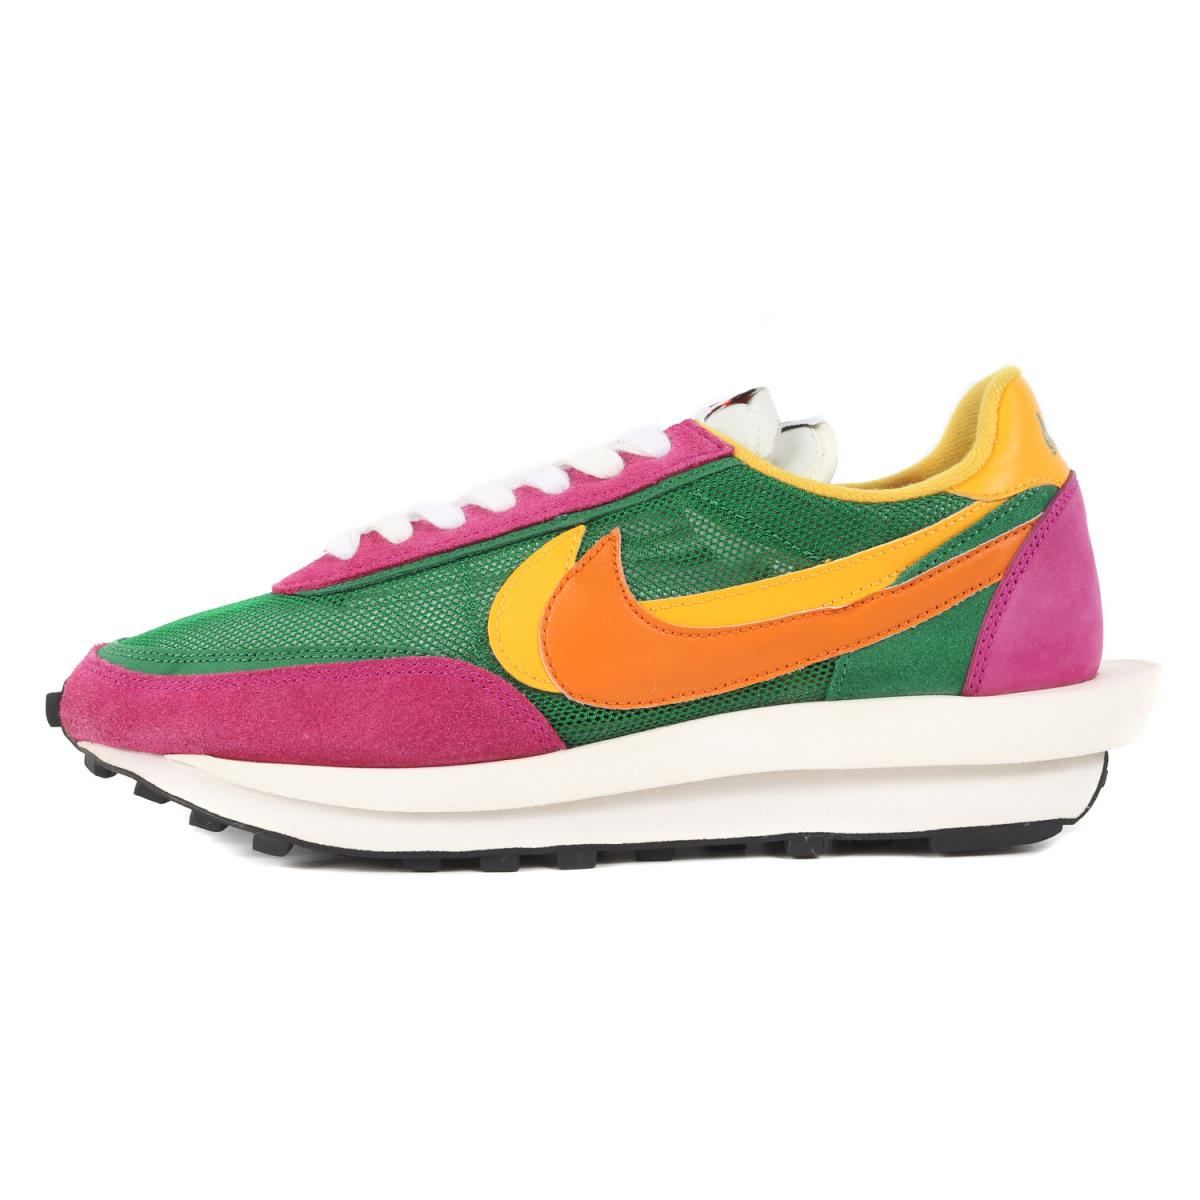 メンズ靴, スニーカー Sacai 19AW NIKE LDWAFFLE SACAI BV0073-301 US11(29cm) K2791